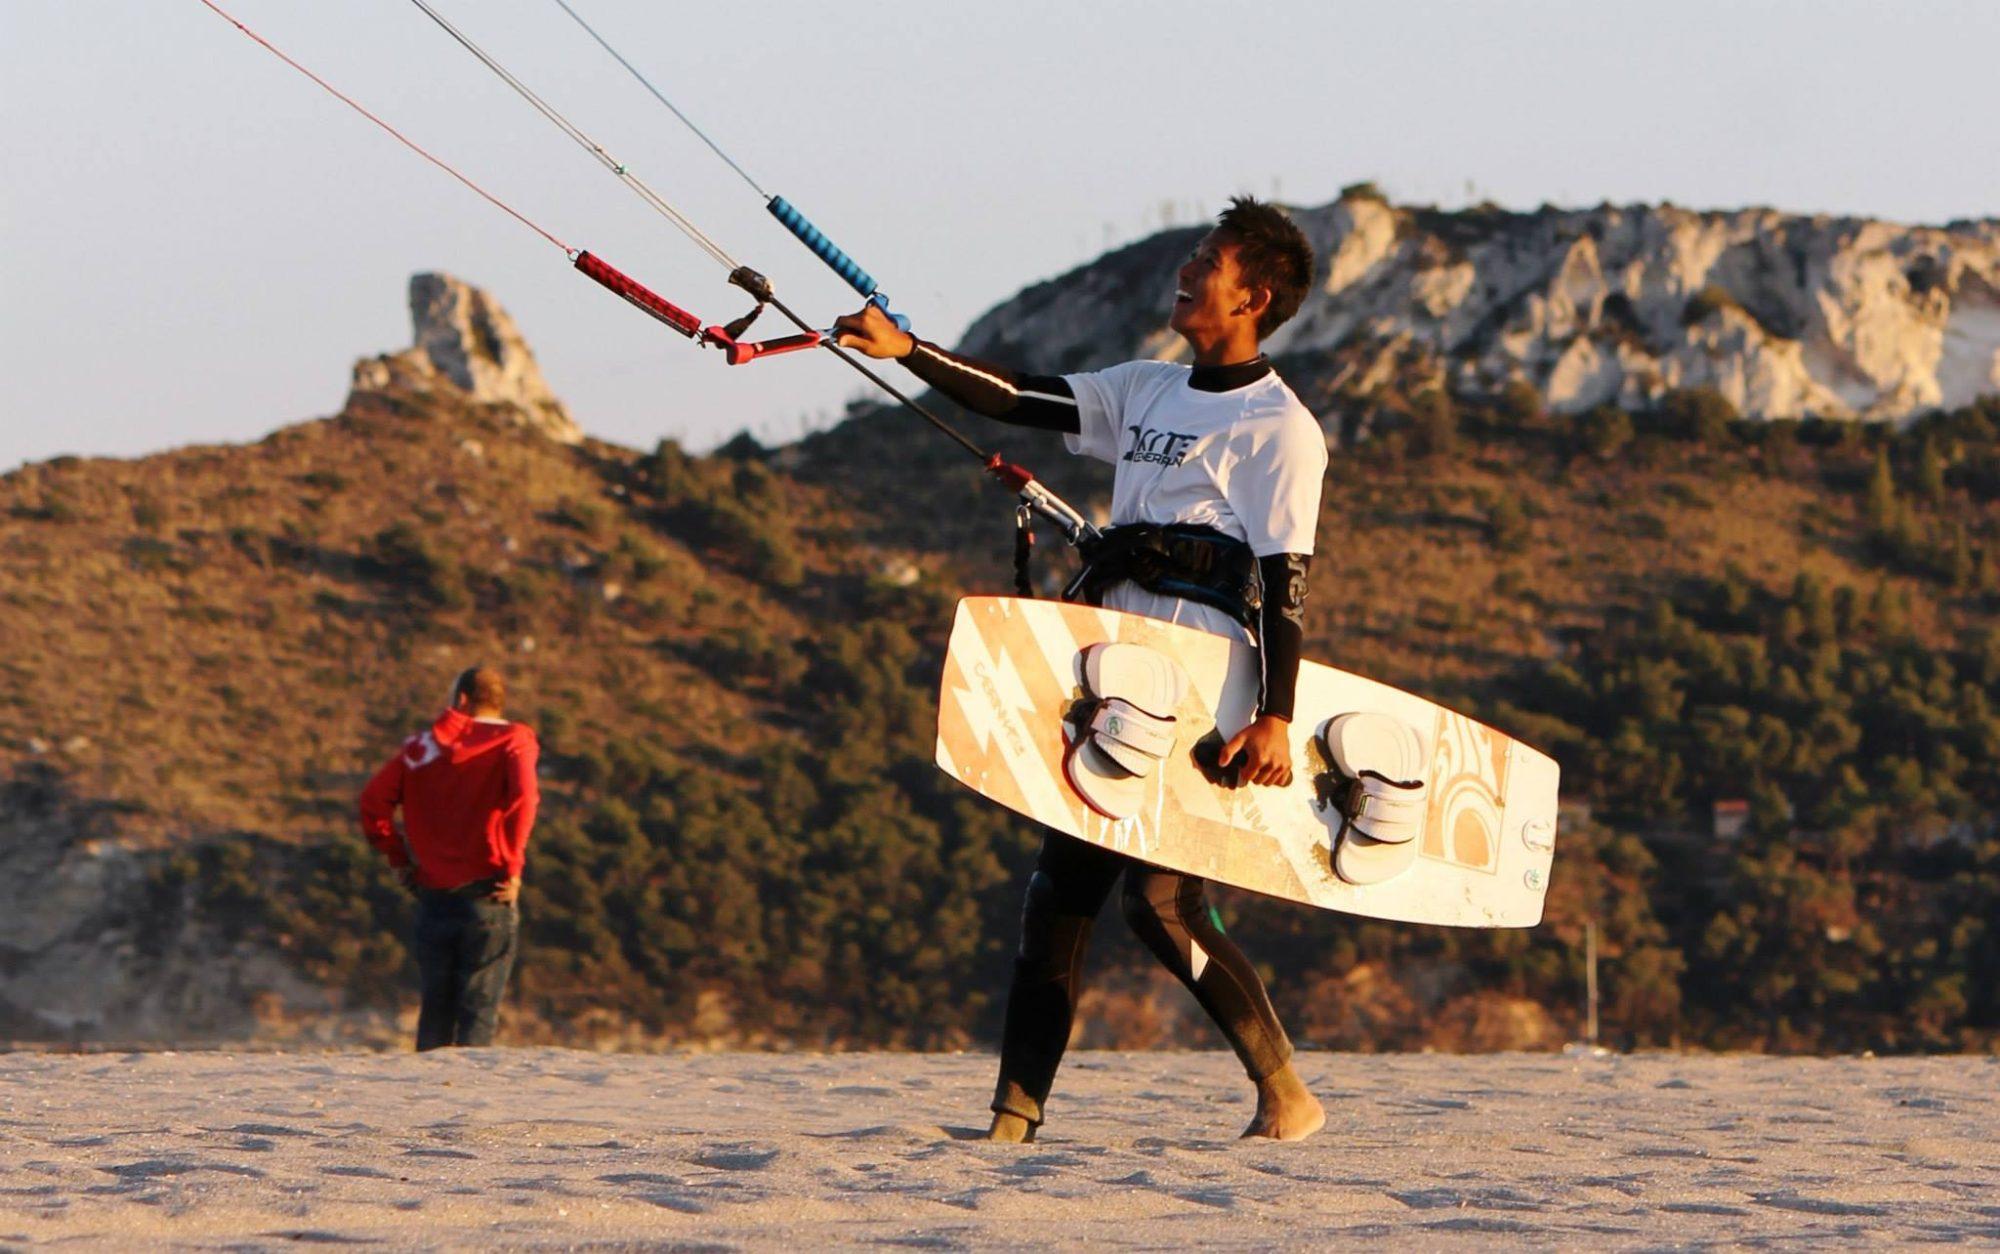 Kitesurfing Poetto Beach of Cagliari, Sardinia